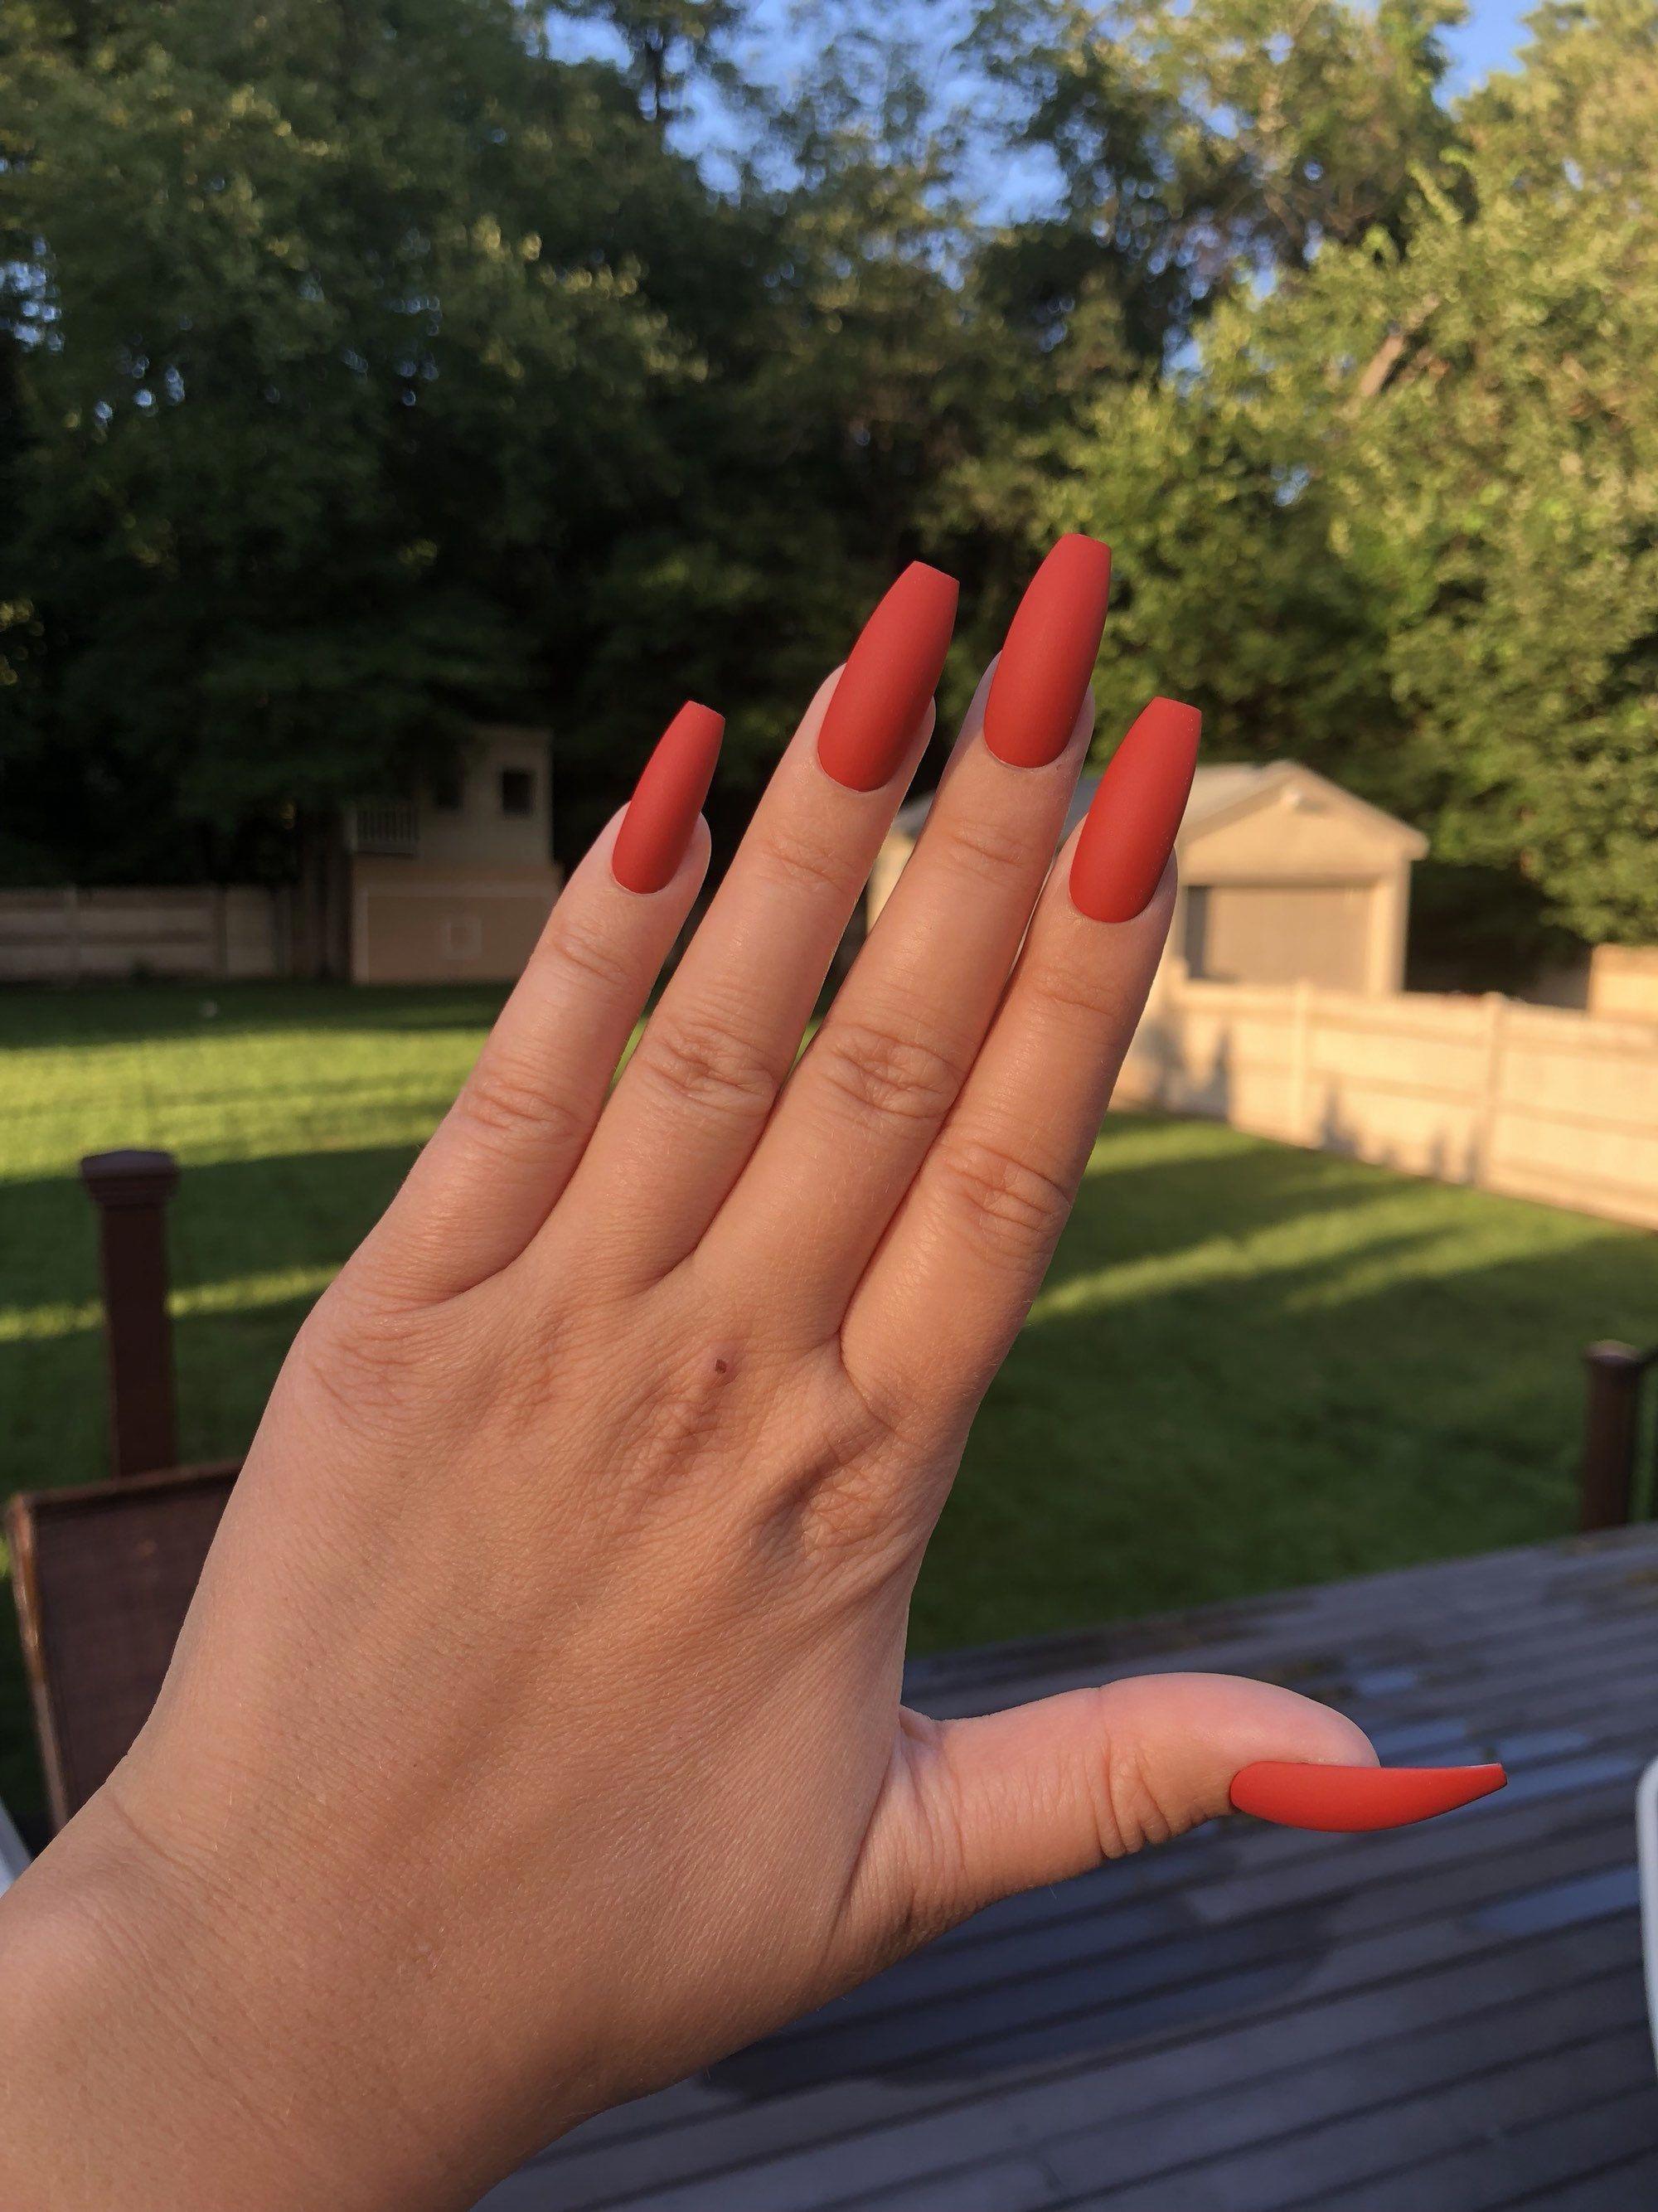 Burnt Orange Nails False Nails Press On Nails Fake Etsy In 2020 Orange Acrylic Nails Glue On Nails Orange Nails